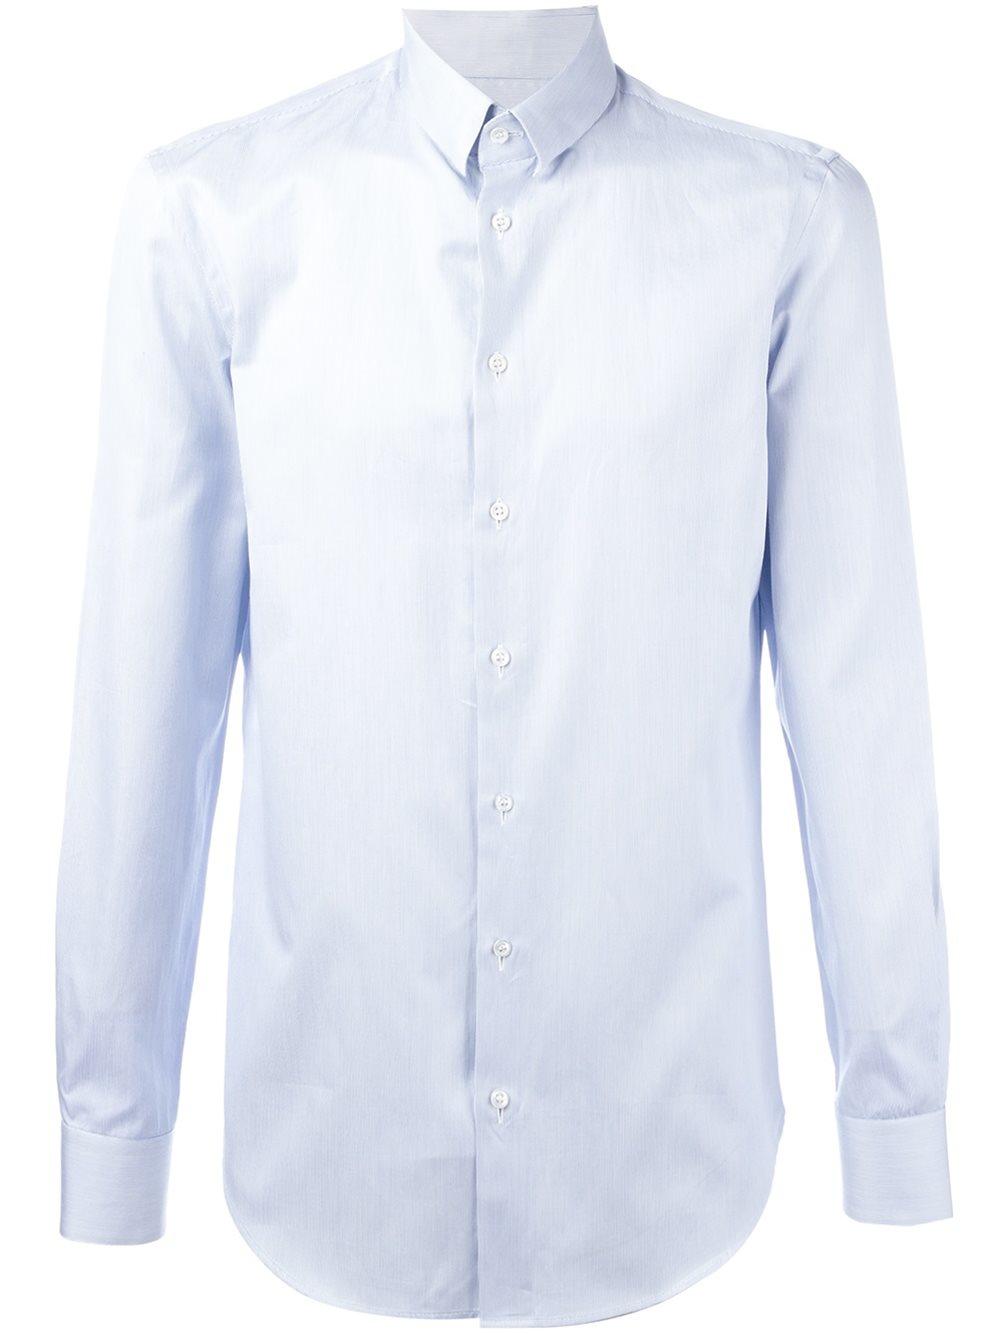 Giorgio armani striped button down shirt in blue for men for Striped button down shirts for men